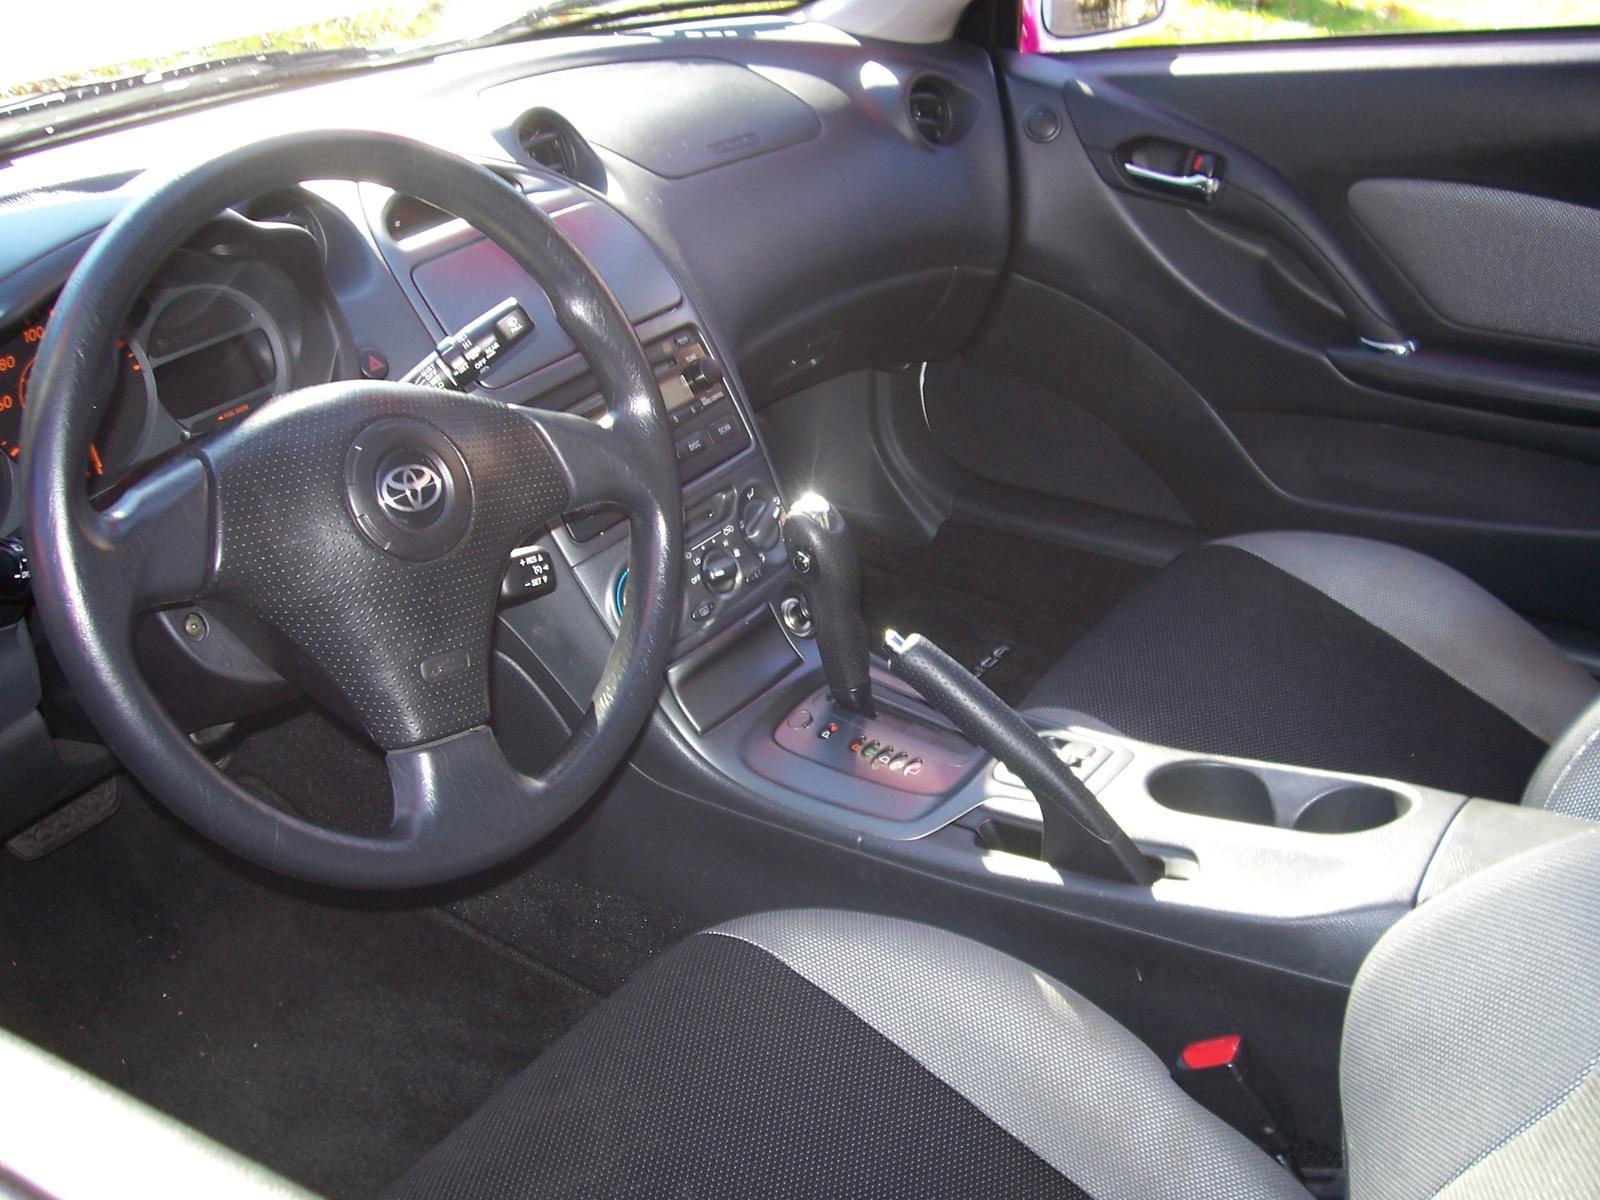 2005 Toyota Celica Interior Pictures Cargurus